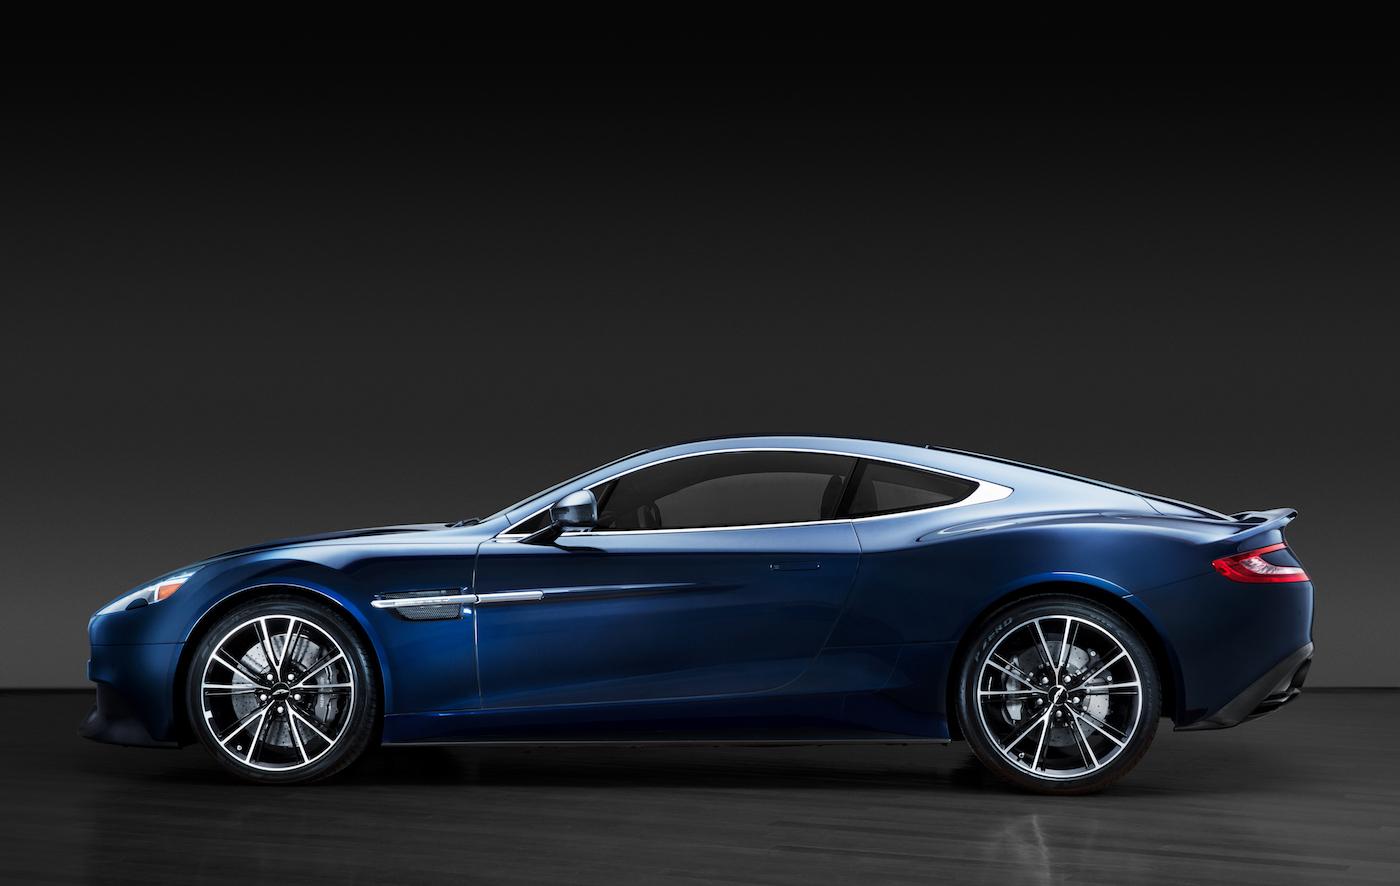 007: Daniel Craig's Aston Martin Vanquish wird in New York versteigert 1